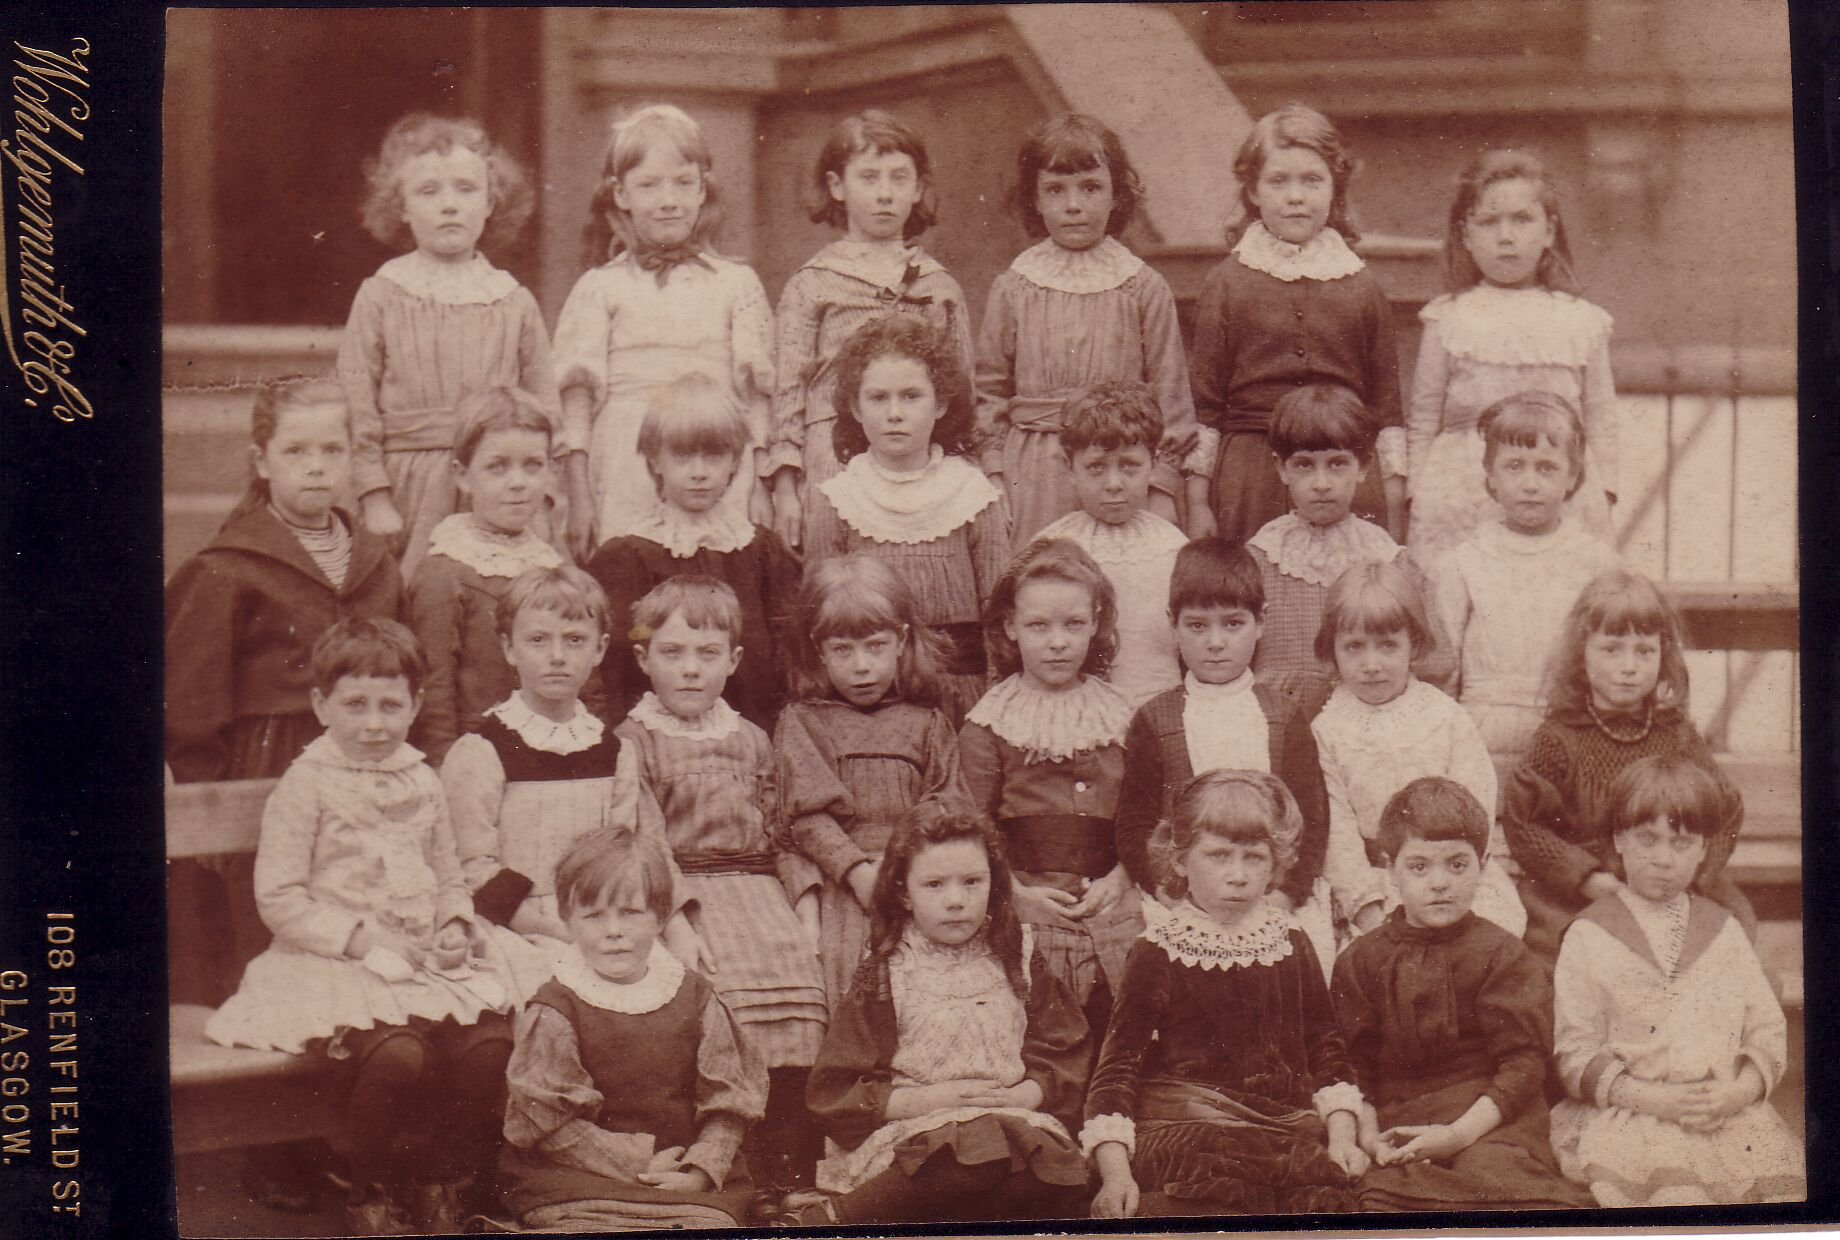 Edinburgh Ladies College Class Portrait c.1892